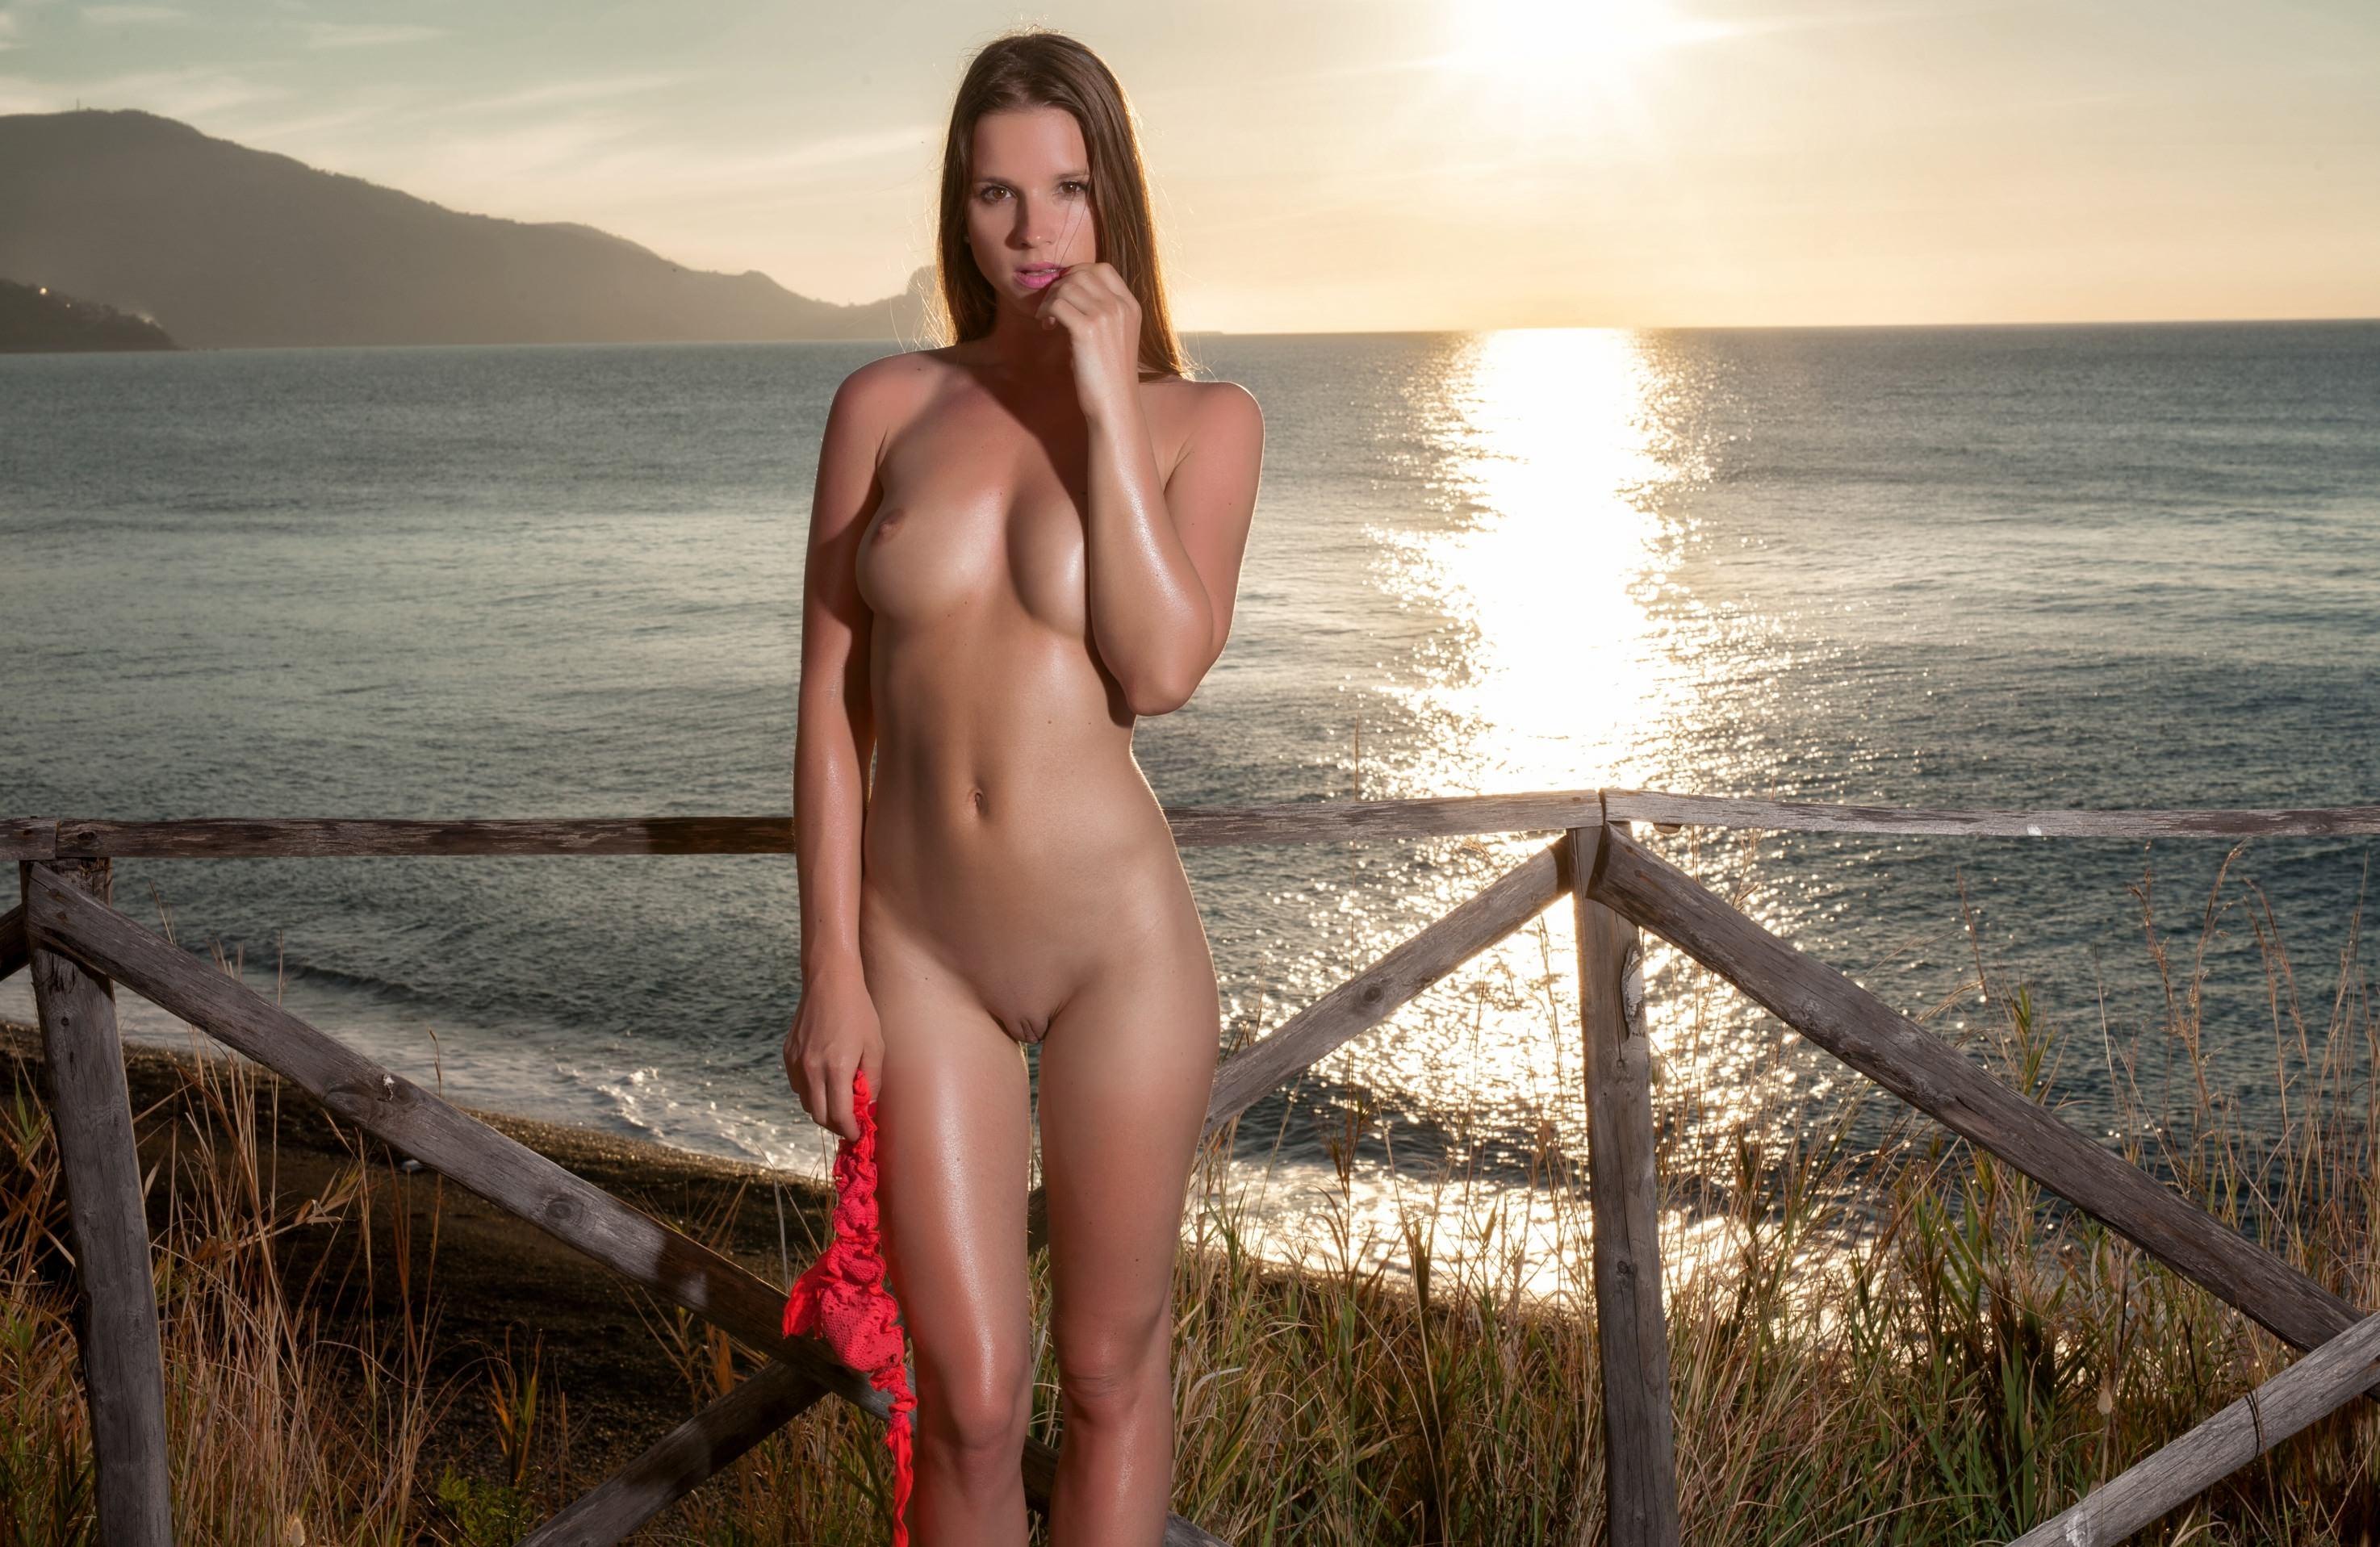 Фото Обнаженная девушка держит в руке красные трусики, море, закат, забор, соблазн, сексуальное тело, скачать картинку бесплатно